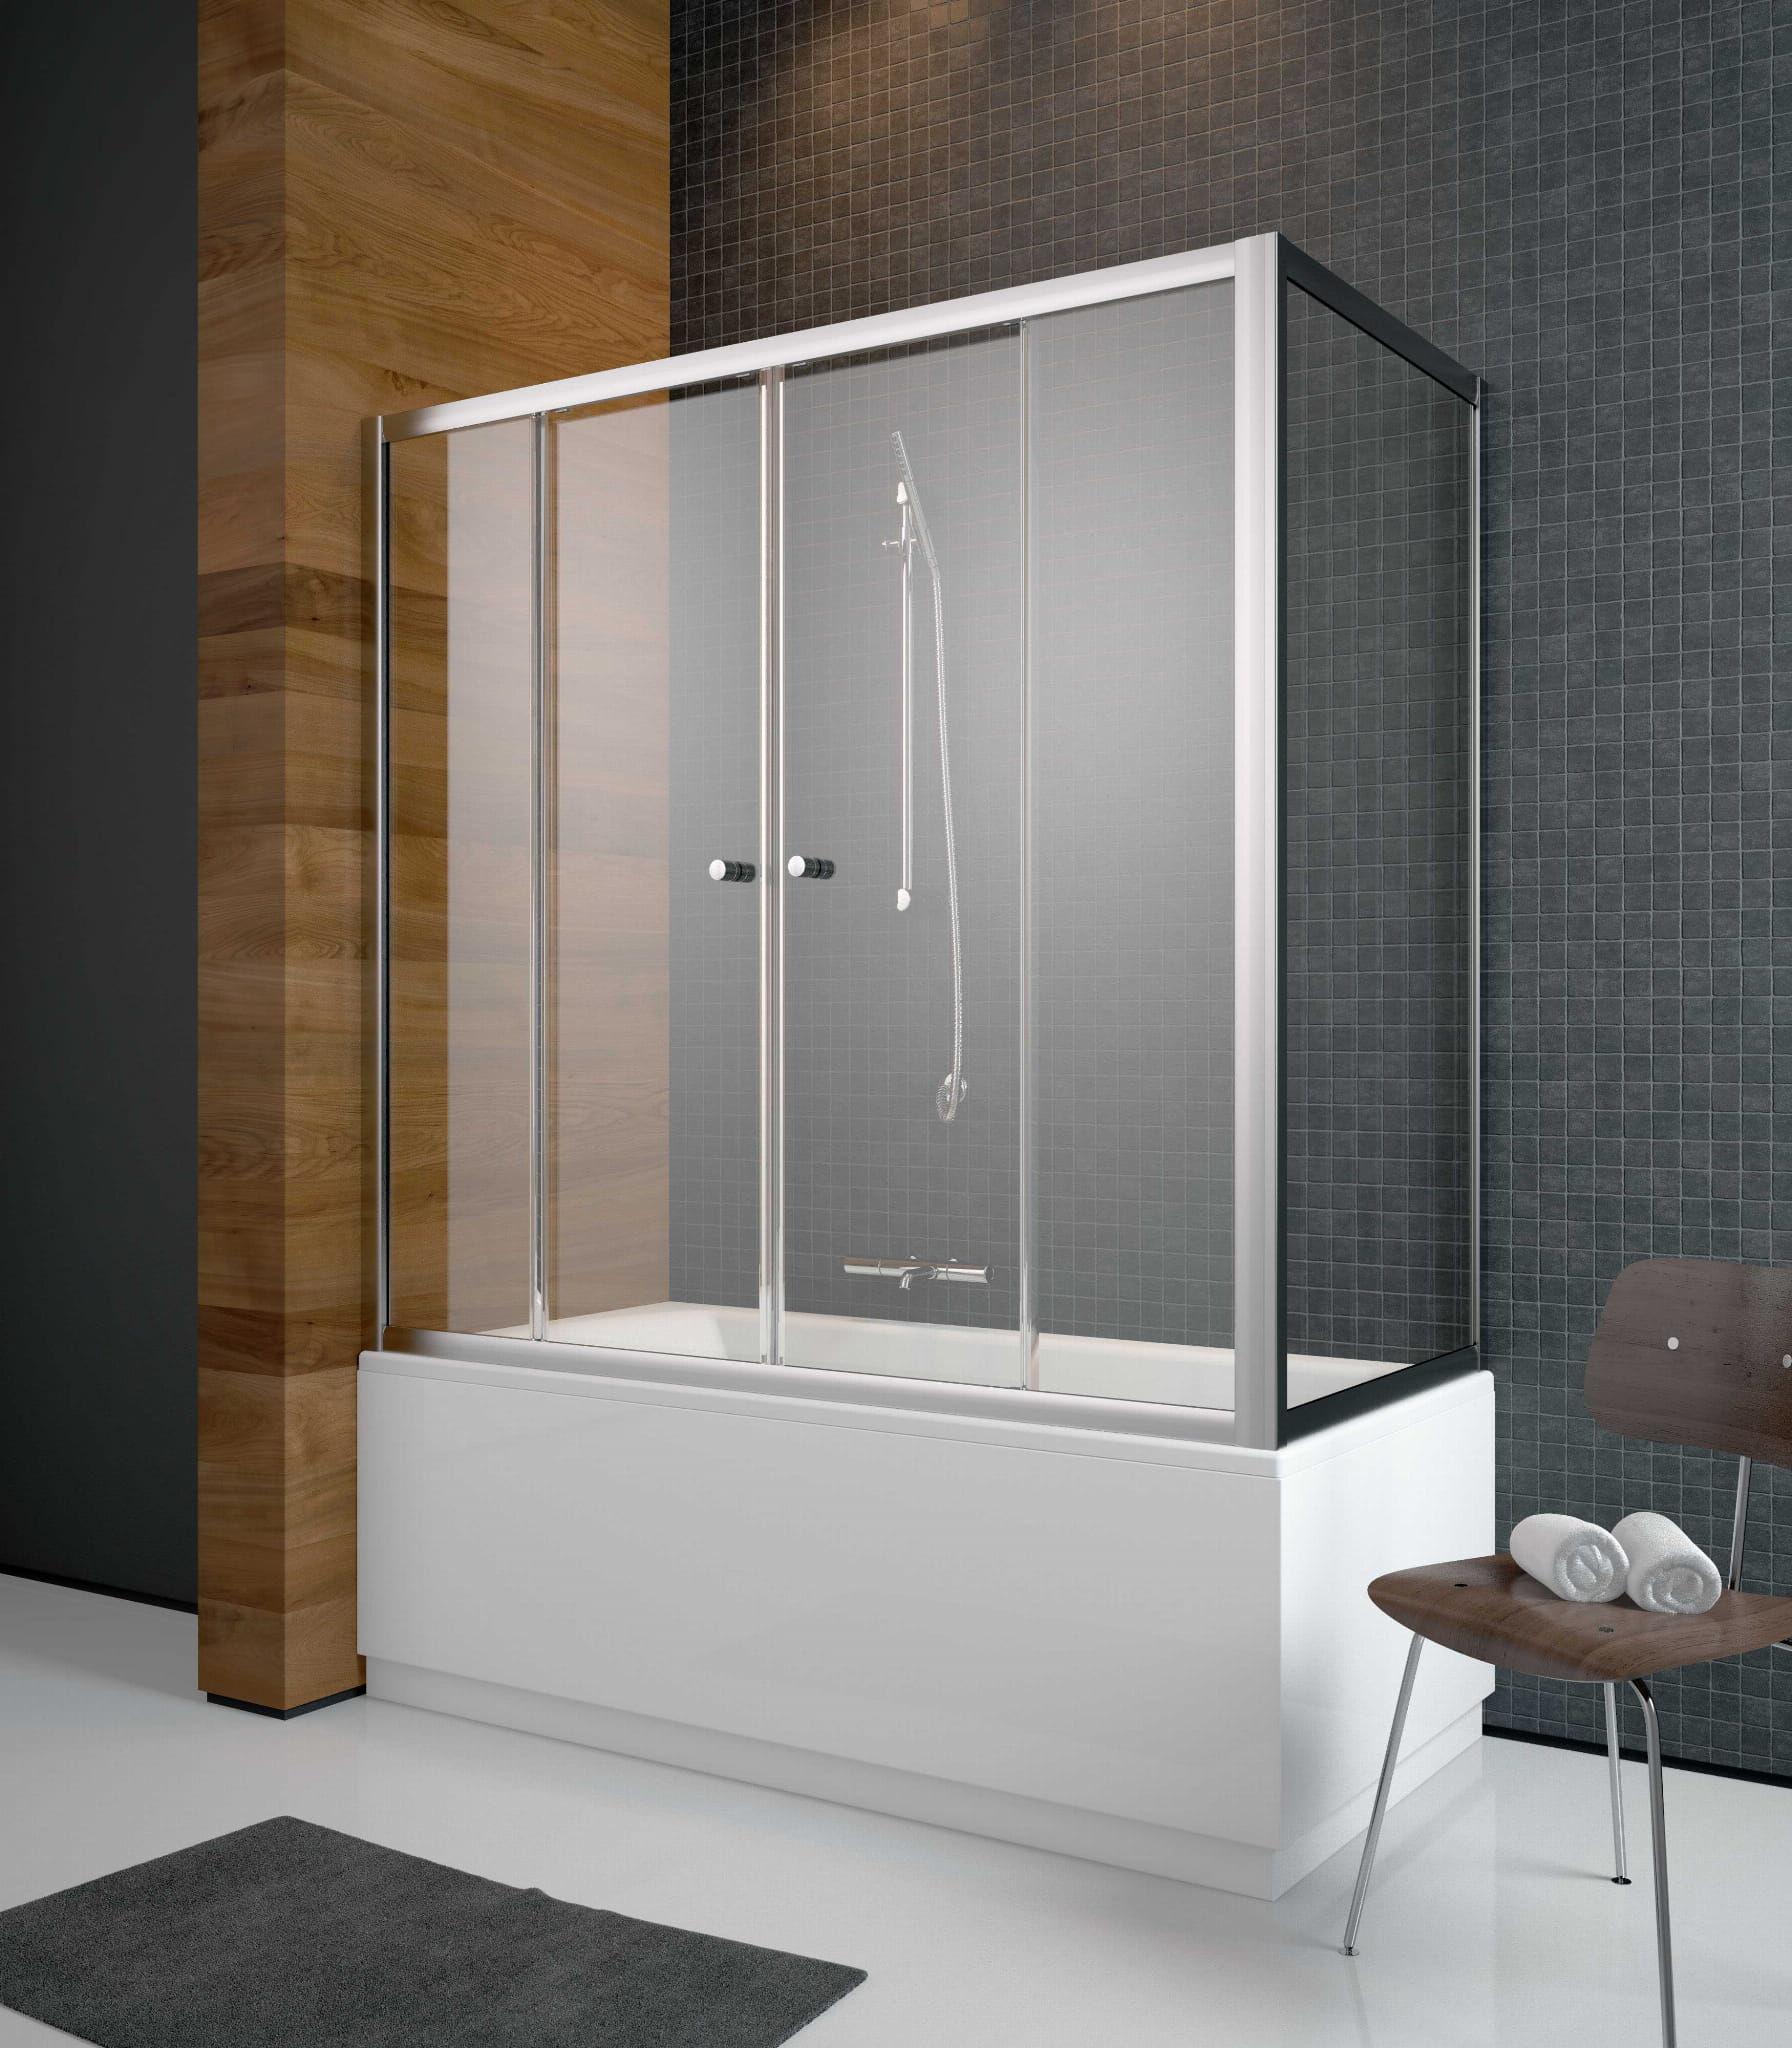 Radaway zabudowa nawannowa Vesta DWD+S 150 x 75, szkło przejrzyste, wys. 150 cm 203150-01/204075-01